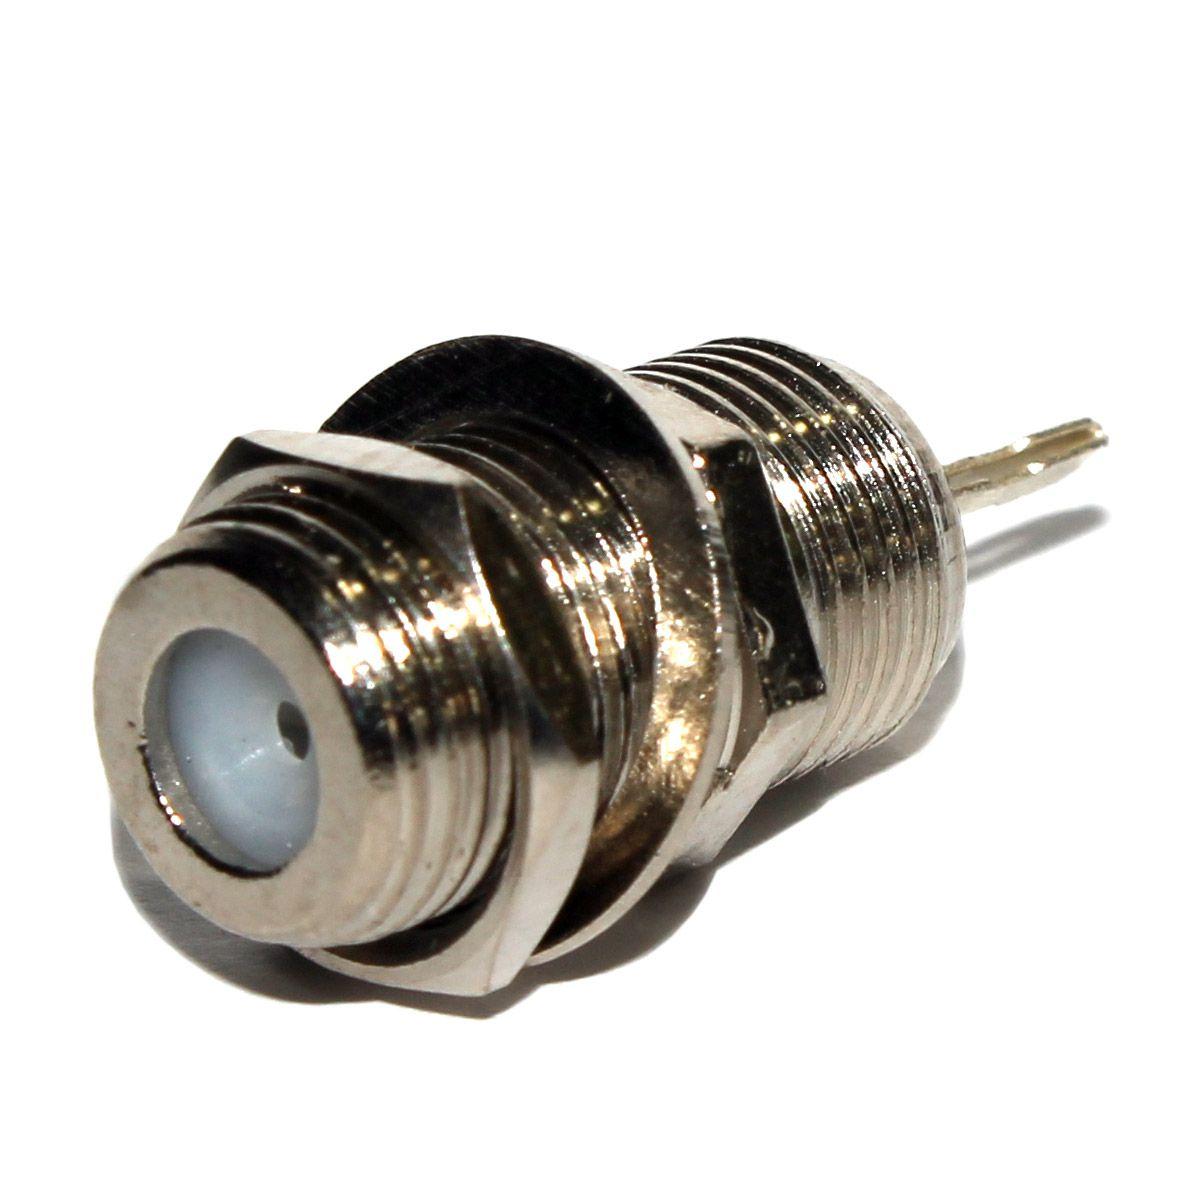 Conector F Femea Painel - RG6 - Ótima Qualidade - 100 pcs